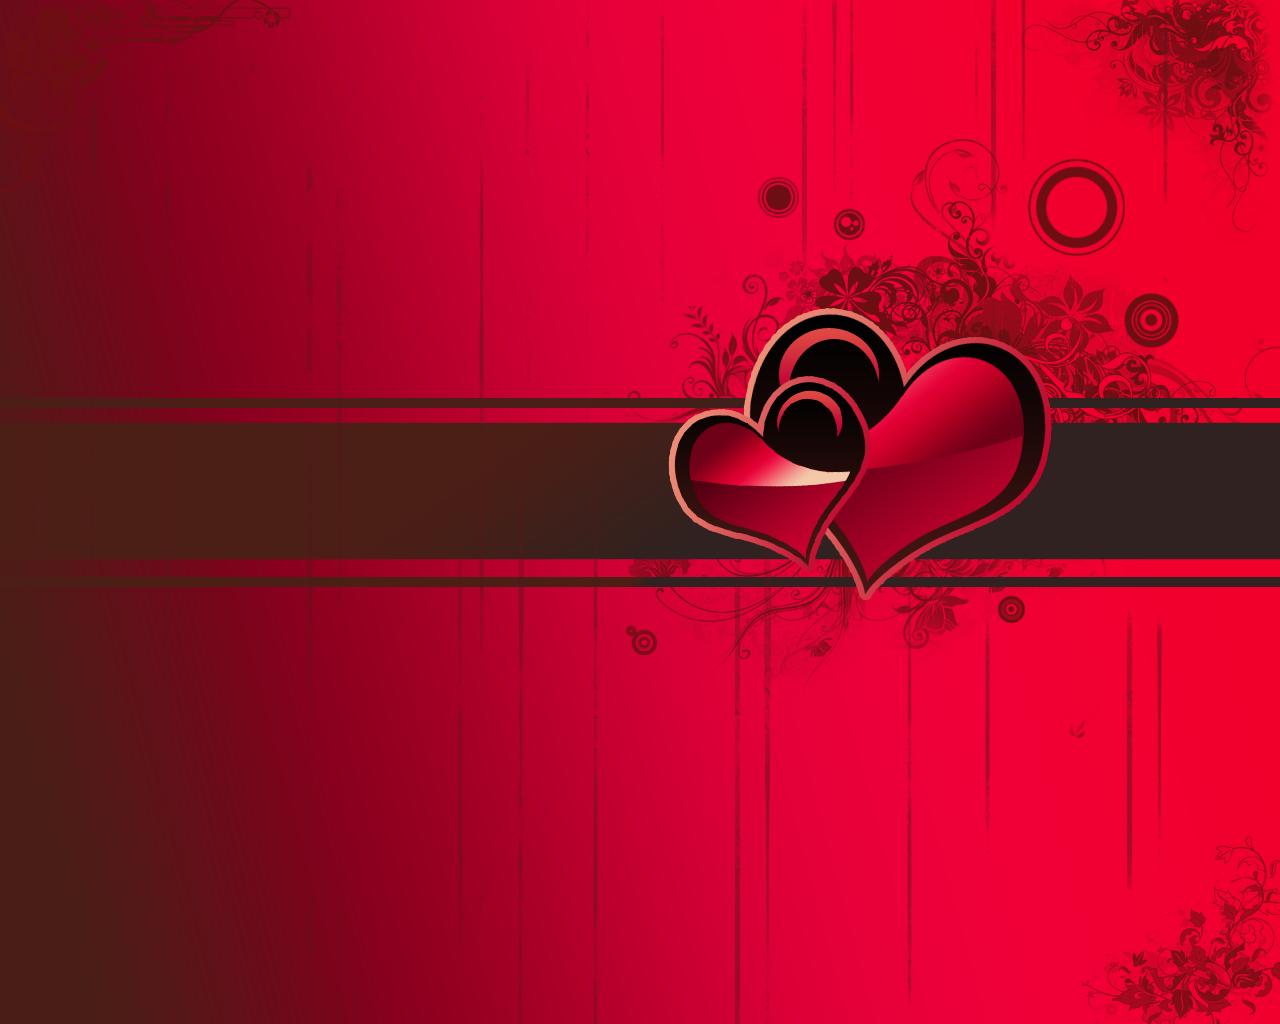 Free Download Valentine Day Wallpaper 2015 Grasscloth